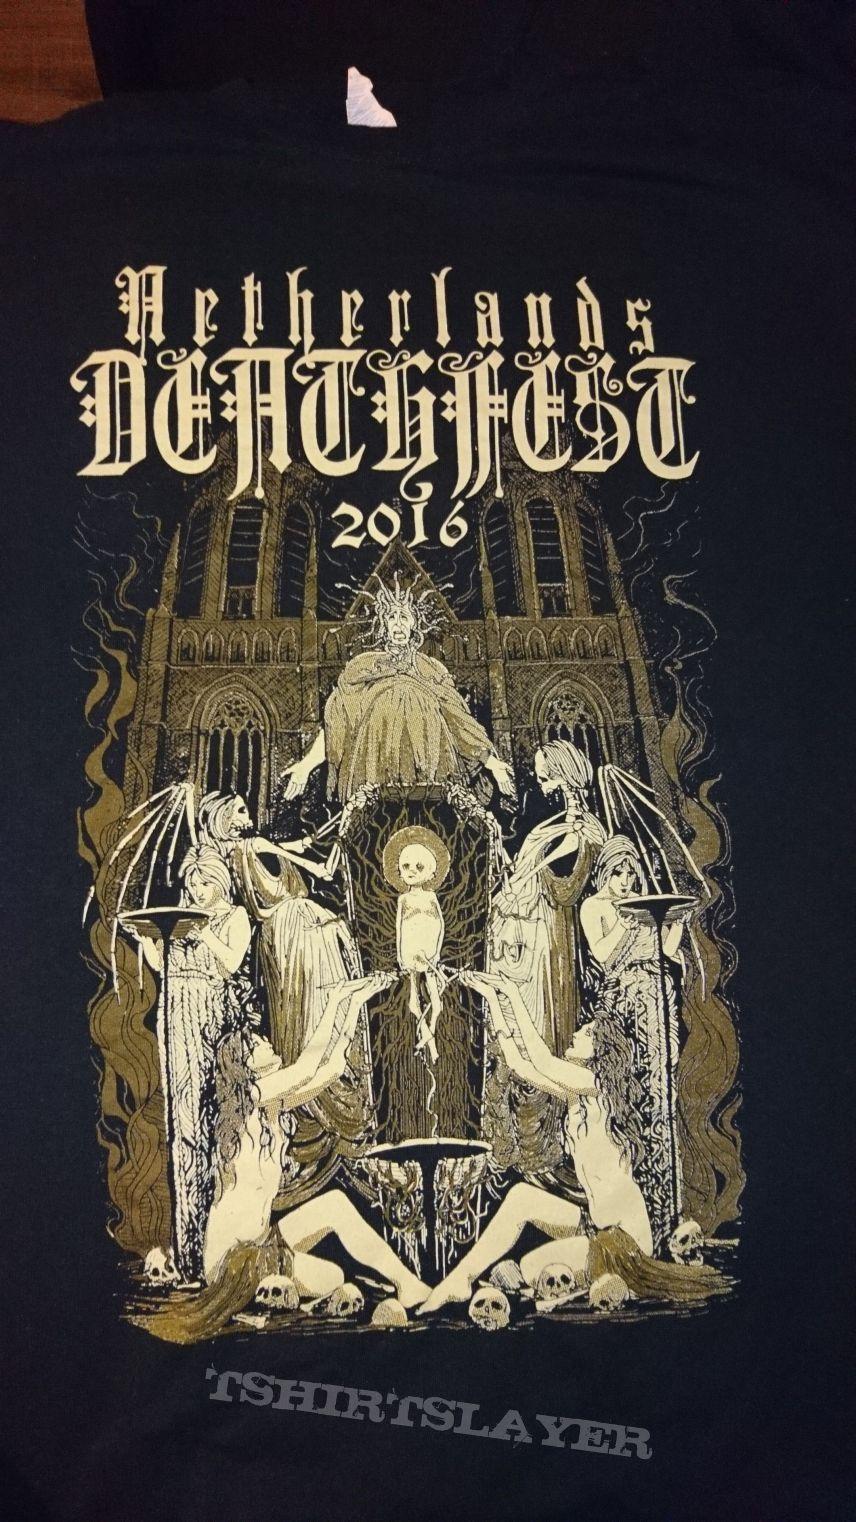 Netherland deathfest 2016